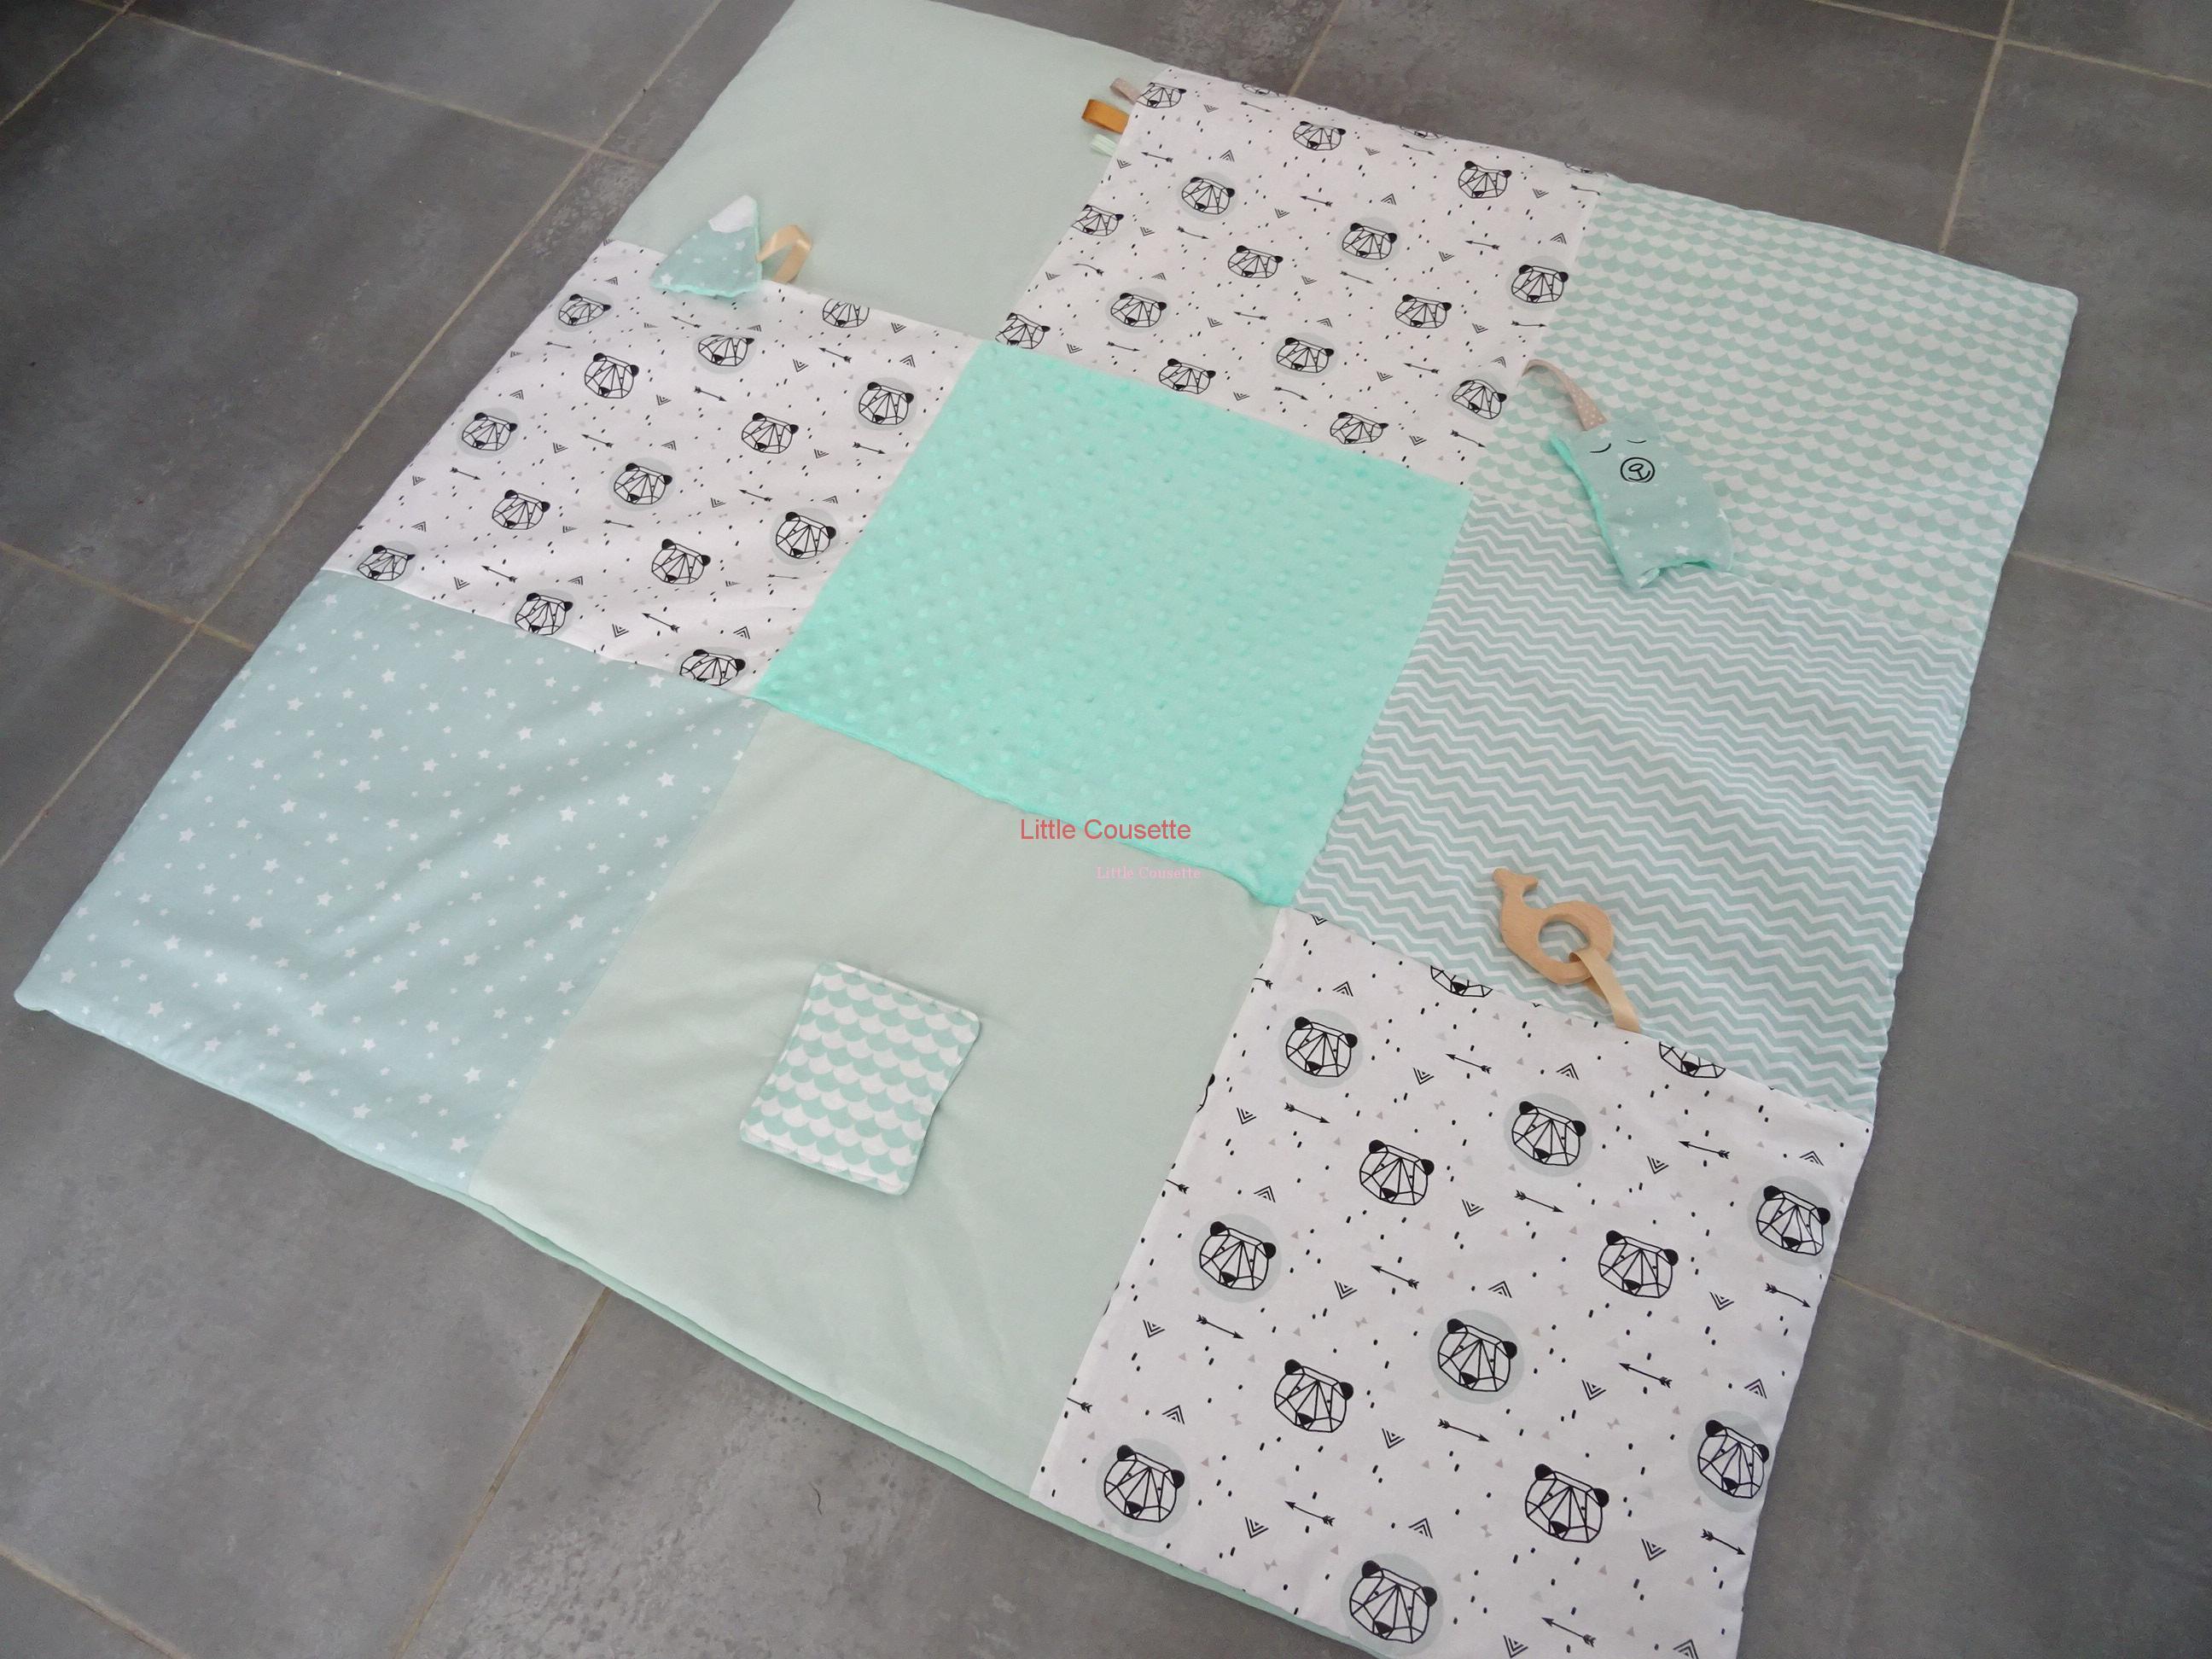 Couture Tapis De Sol Bébé tapis-eveil-bebe-xl-personnalise-tissu-prenom-little